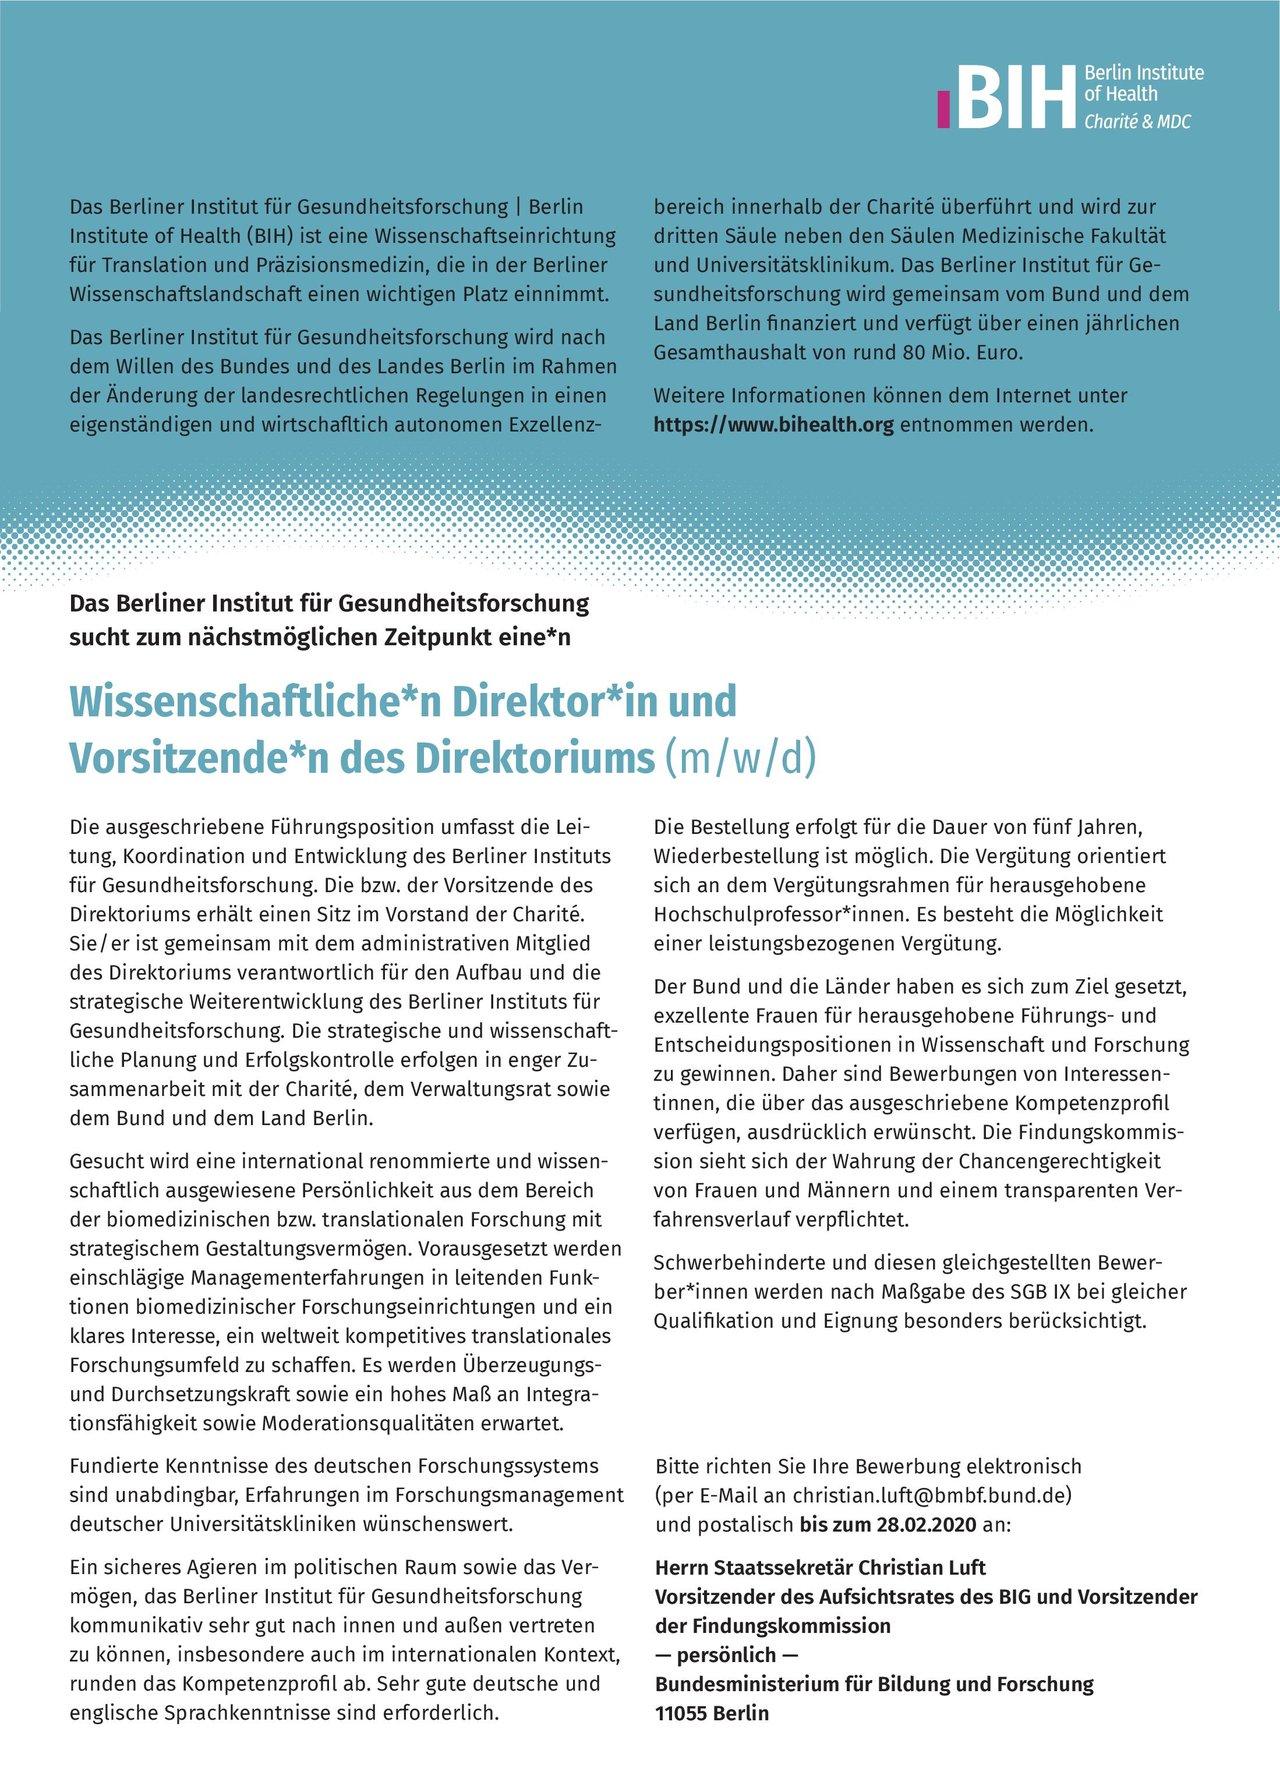 Berliner Institut für Gesundheitsforschung Wissenschaftliche*r Direktor*in und Vorsitzende*r des Direktoriums (m/w/d) * ohne Gebiete Ärztl. Geschäftsführer / Direktor